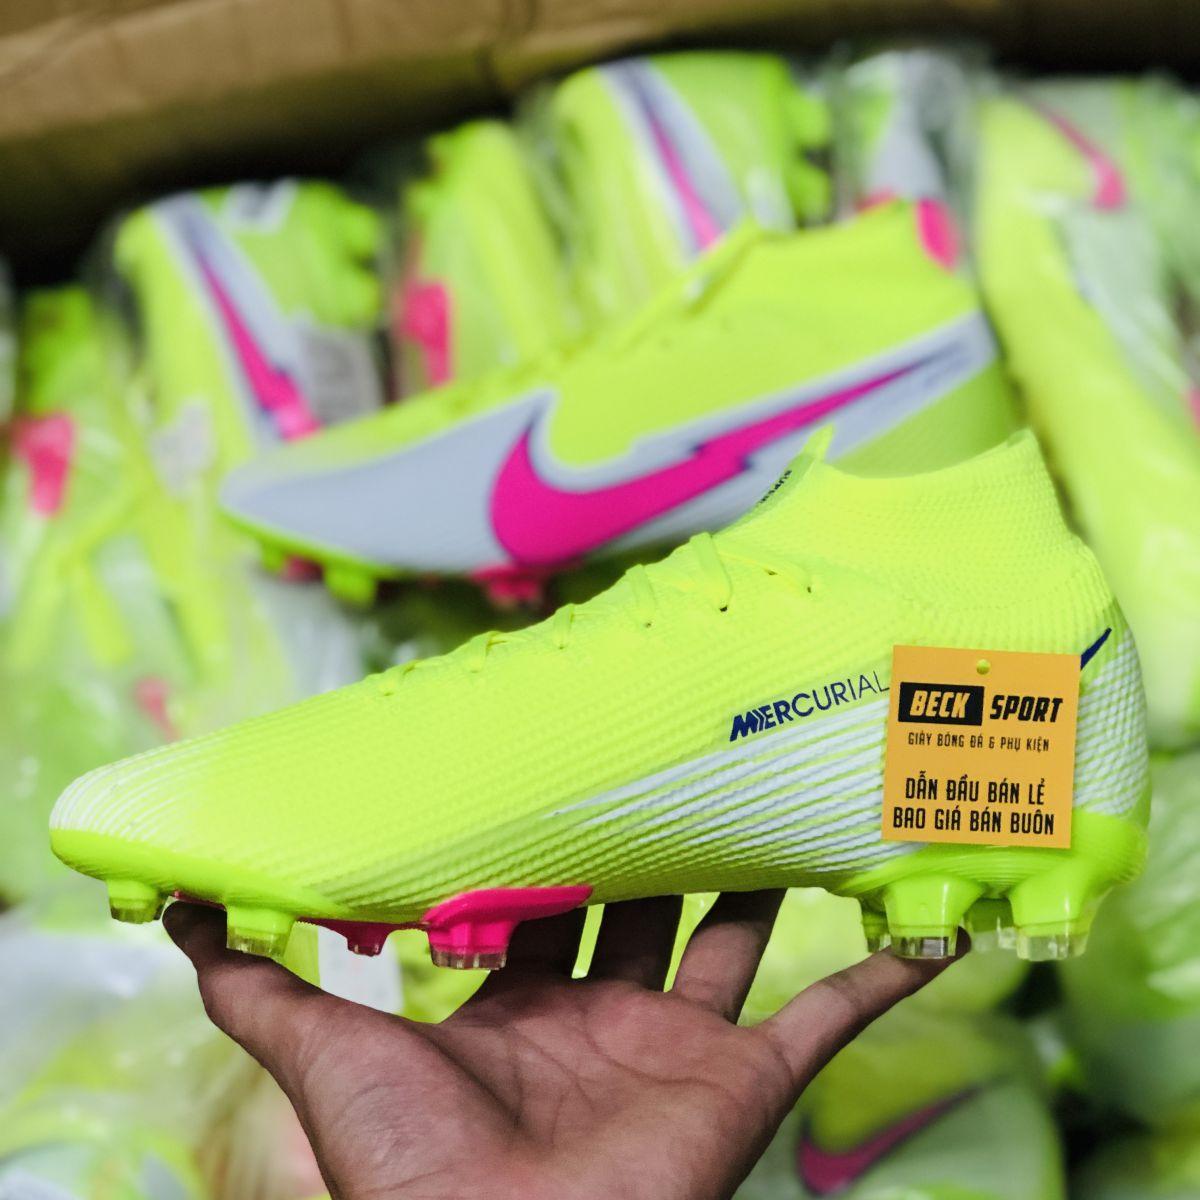 Giày Bóng Đá TQ Nike Mercurial Superfly 13 Elite Nõn Chuối Trắng Vạch Hồng Cổ Cao FG